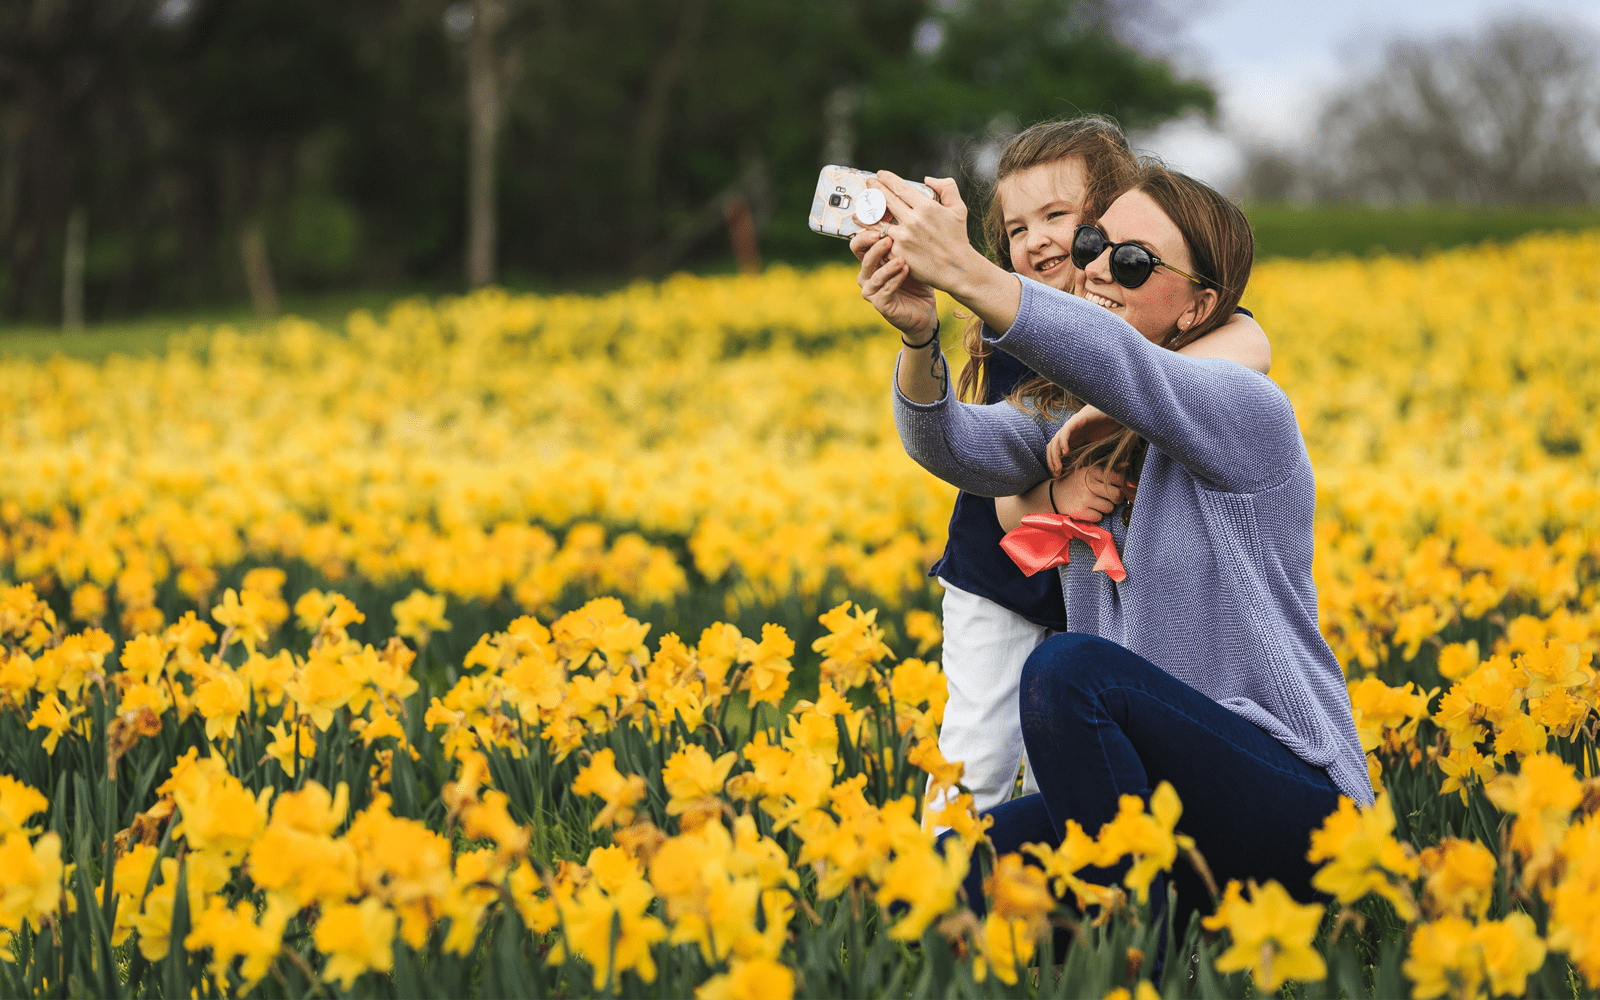 Díky novému patentu od Applu pořídíte virtuální skupinové selfie